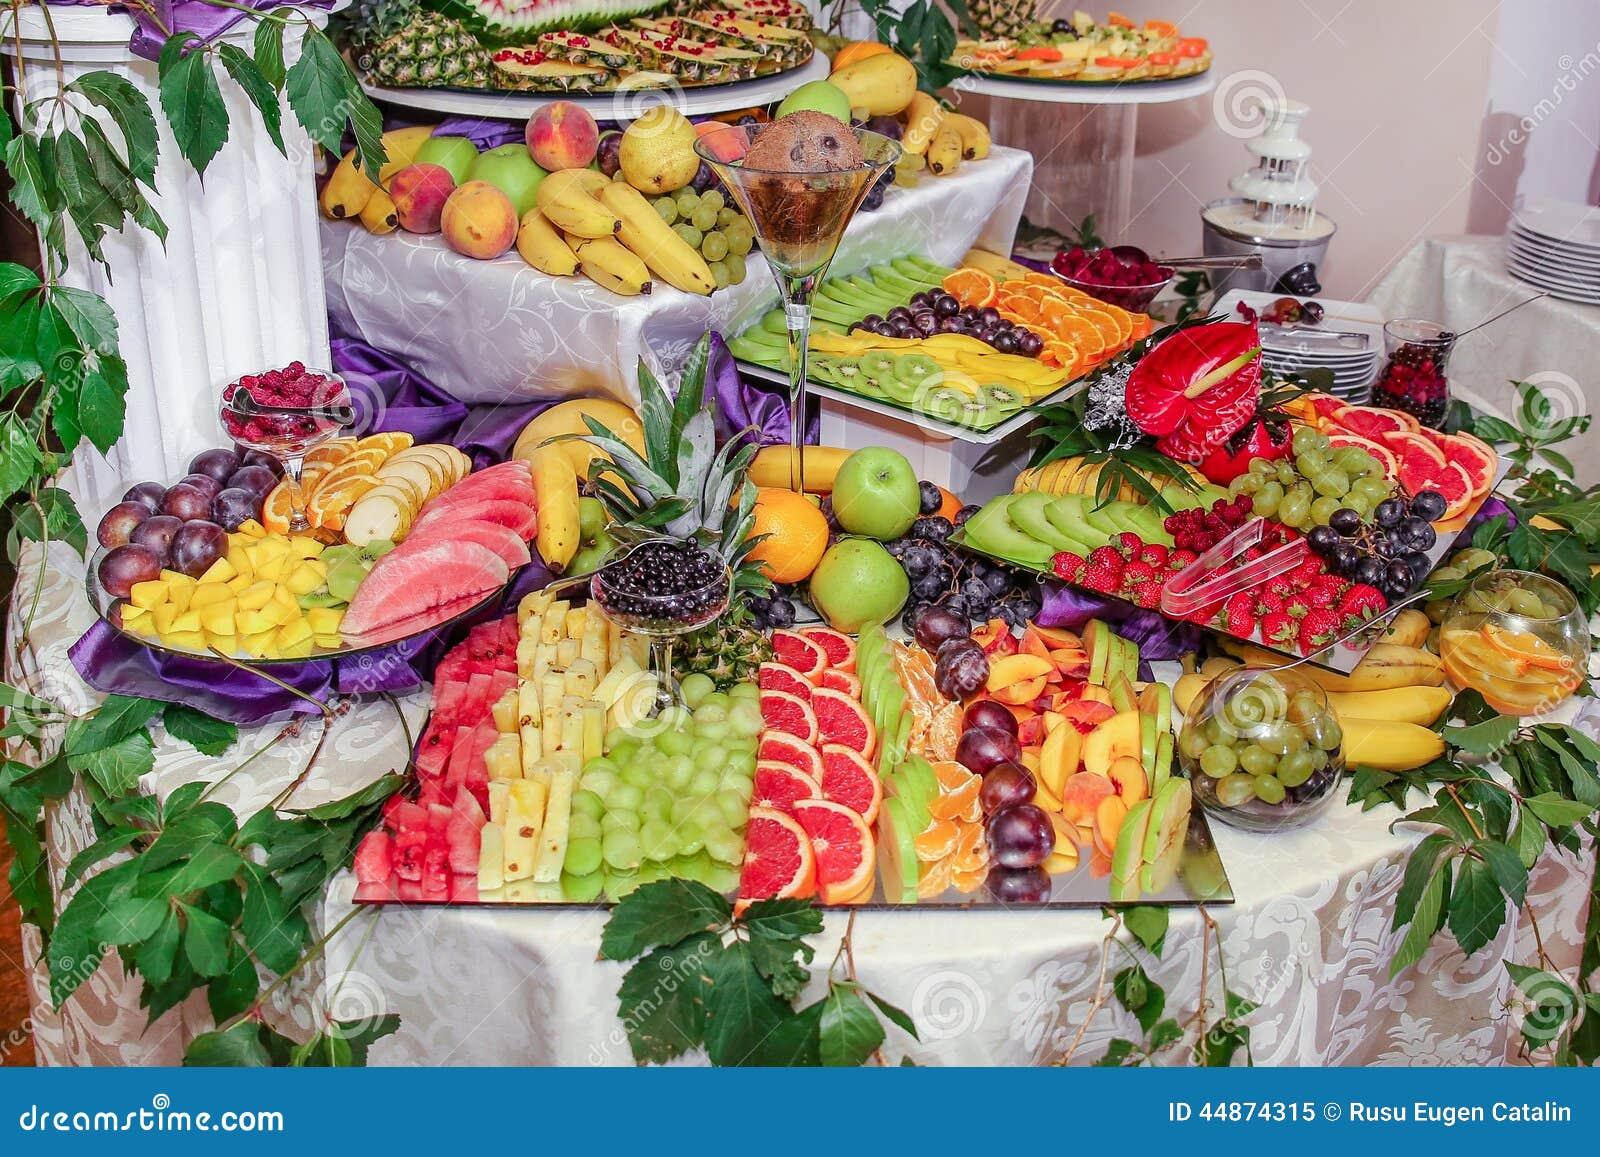 Fruits Decoration Stock Photo Image 44874315